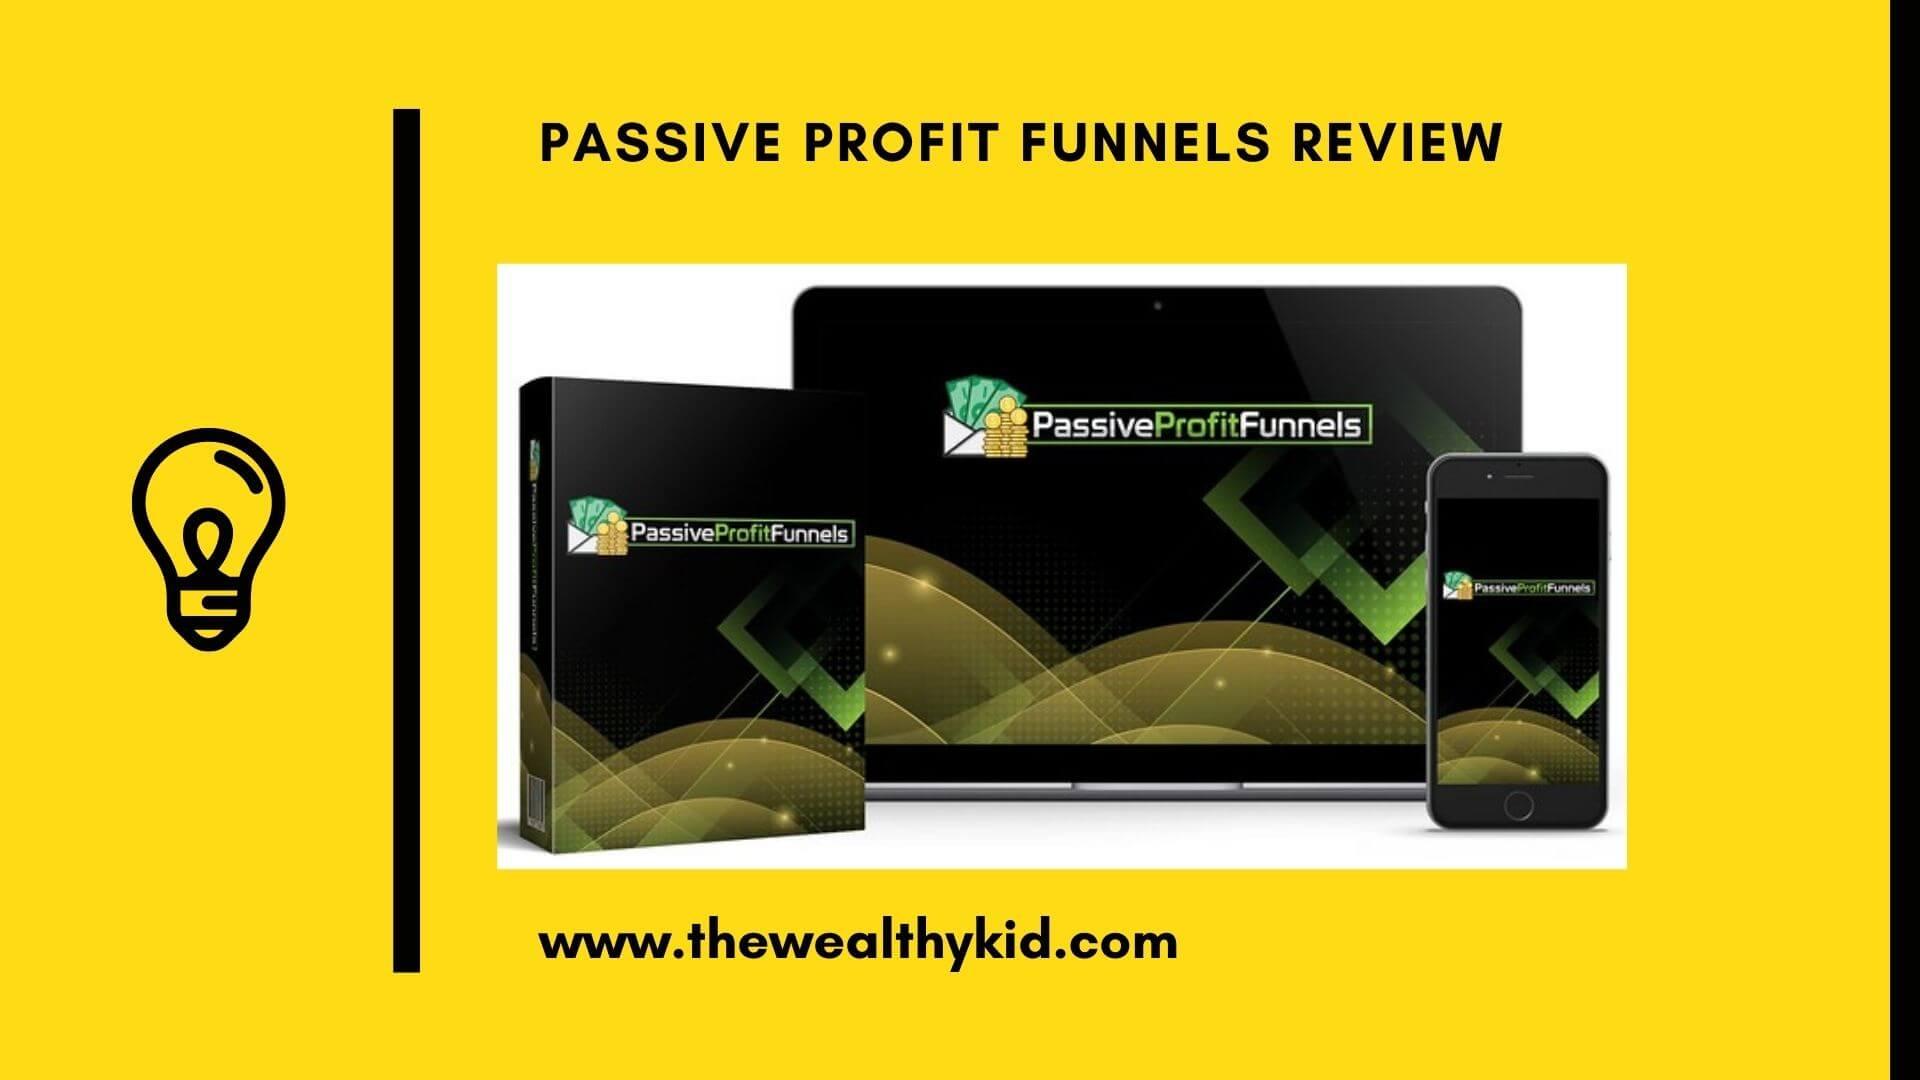 Passive Profit Funnels reviews